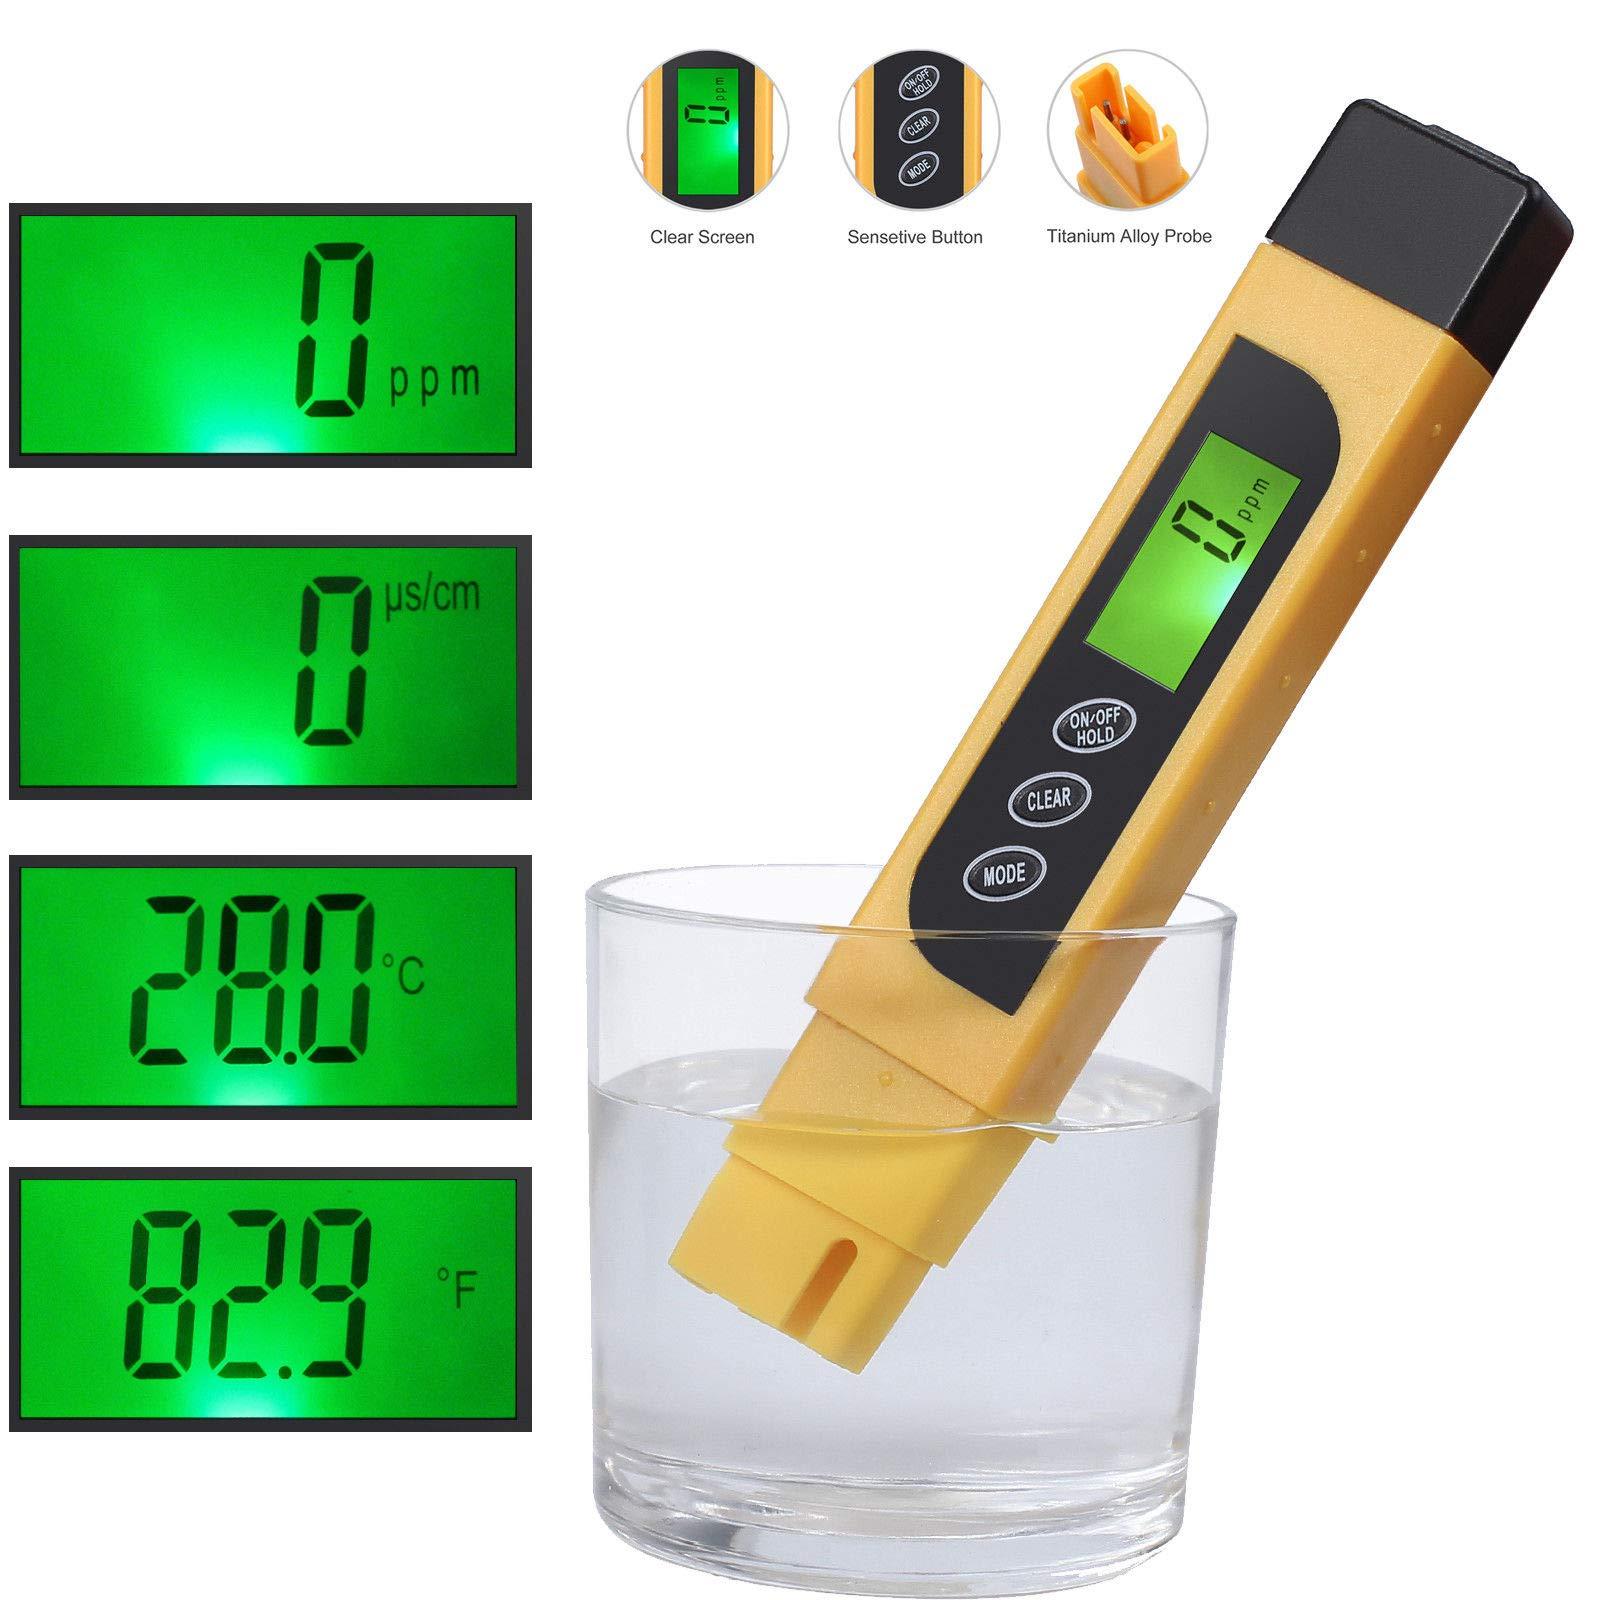 Water Quality Tester, TDS Meter, EC Meter & Temperature Meter 3 in 1, 0-9990ppm, Ideal Water Test Meter Drinking Water, Aquariums, etc.